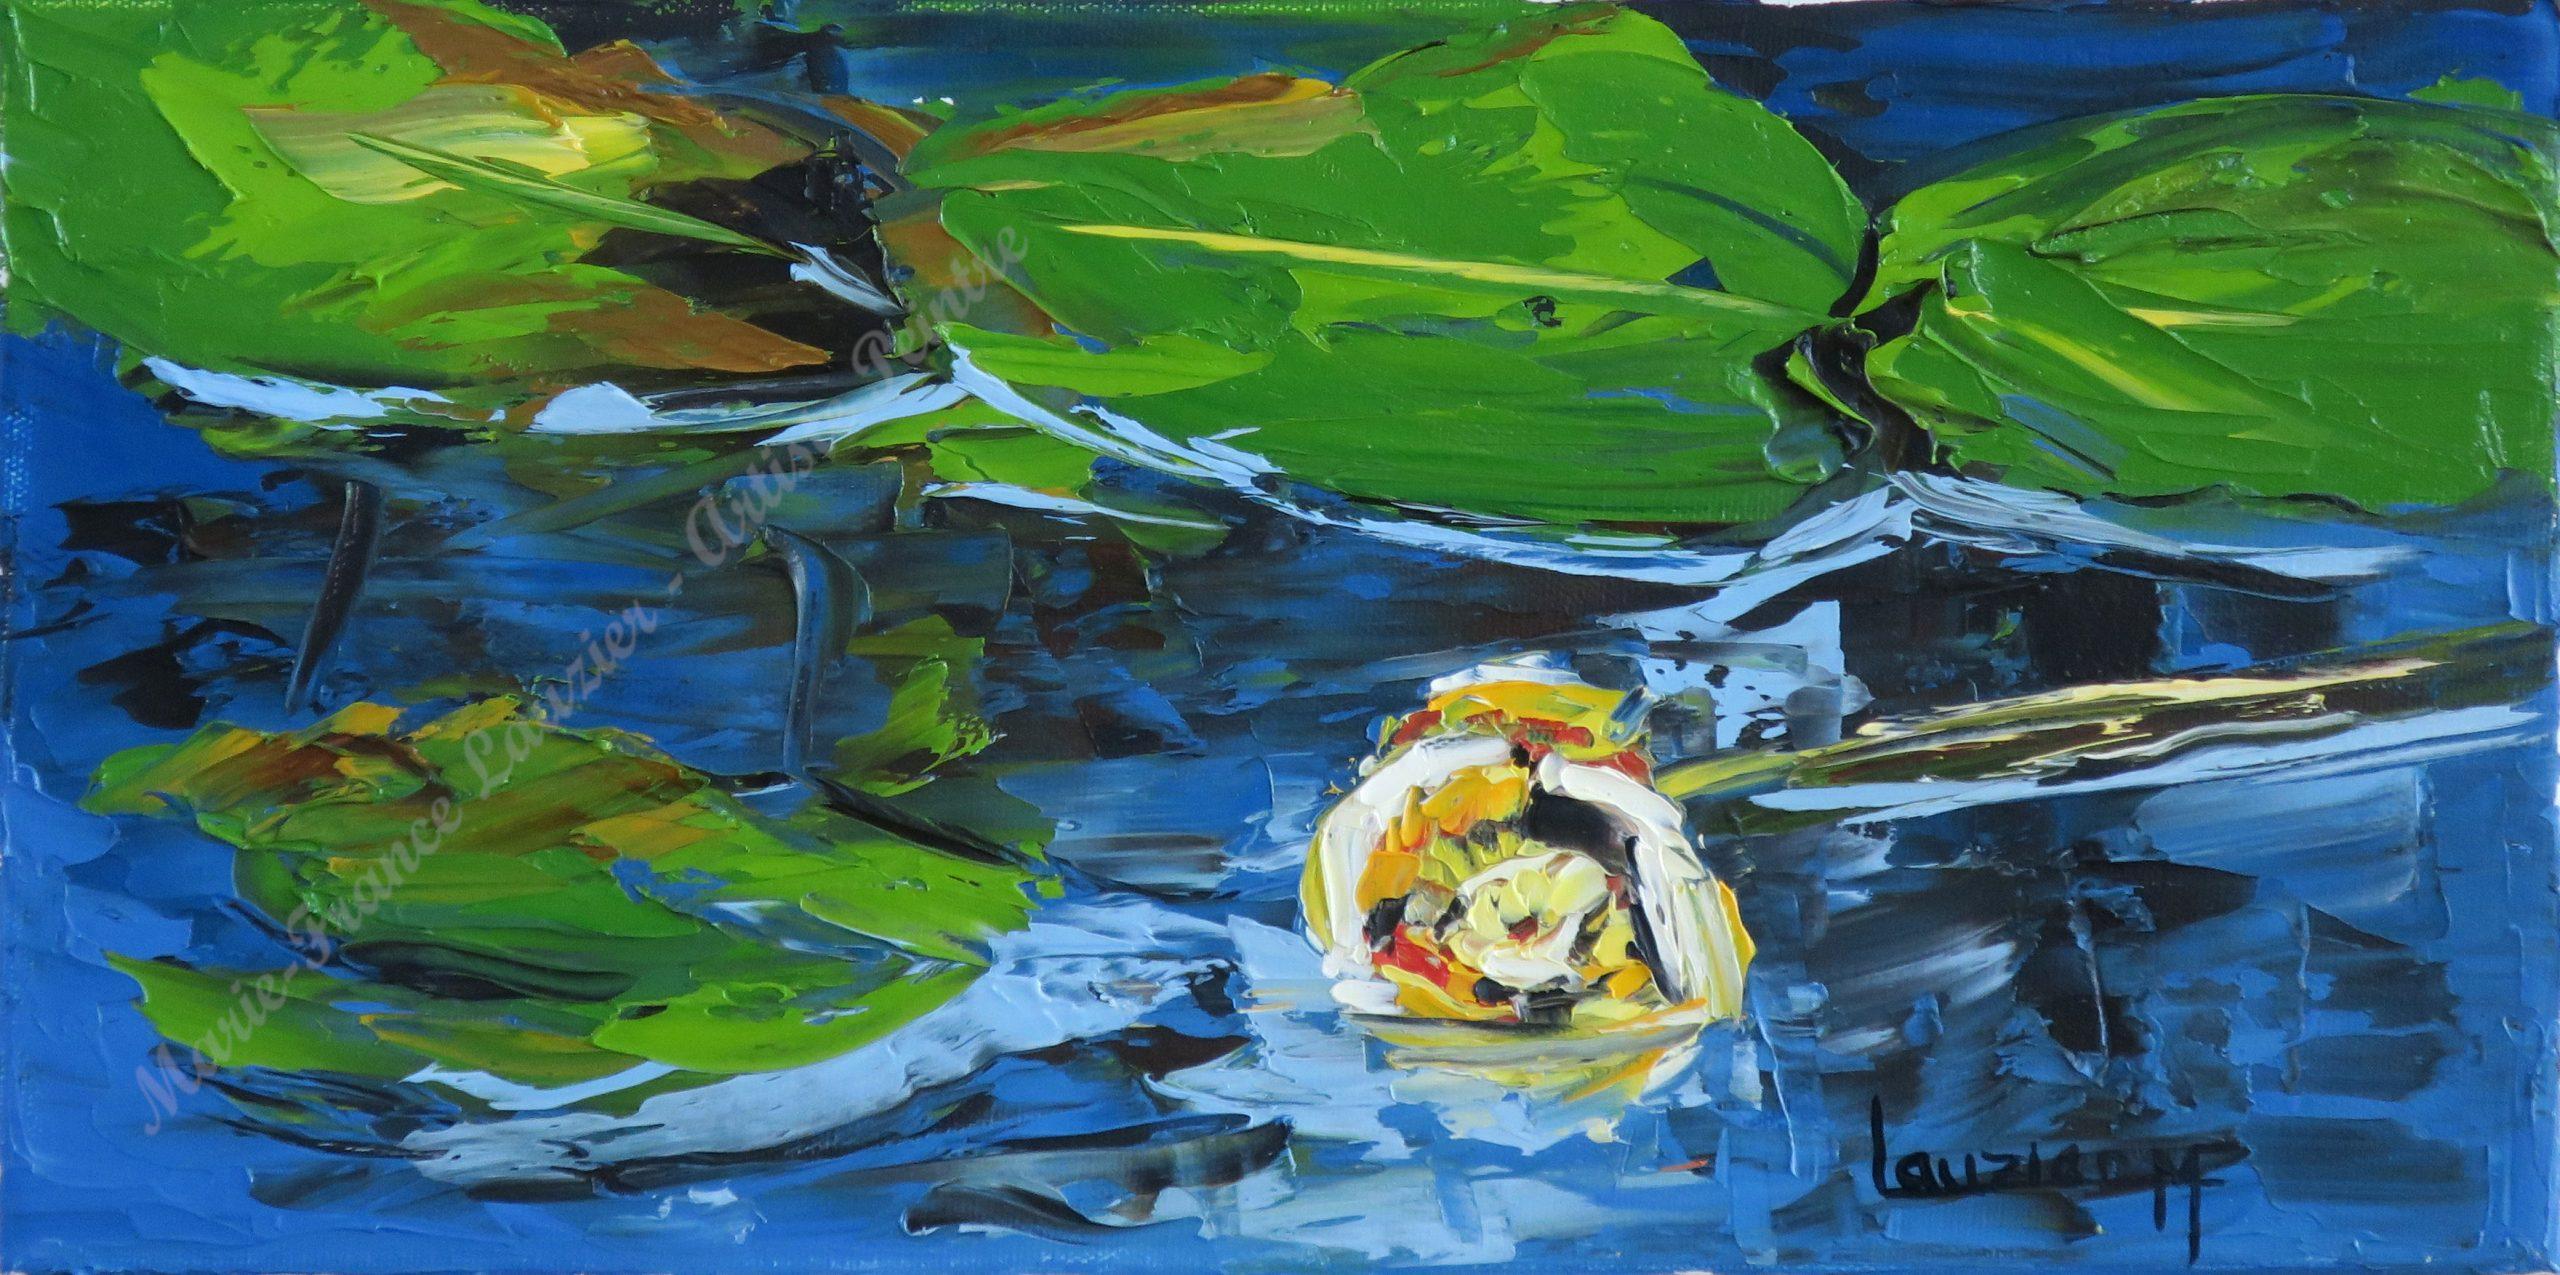 """La Contemplative - Huile sur toile - 8""""x16"""" Marie-France Lauzier - Nénuphar jaune flottant sur un lac"""